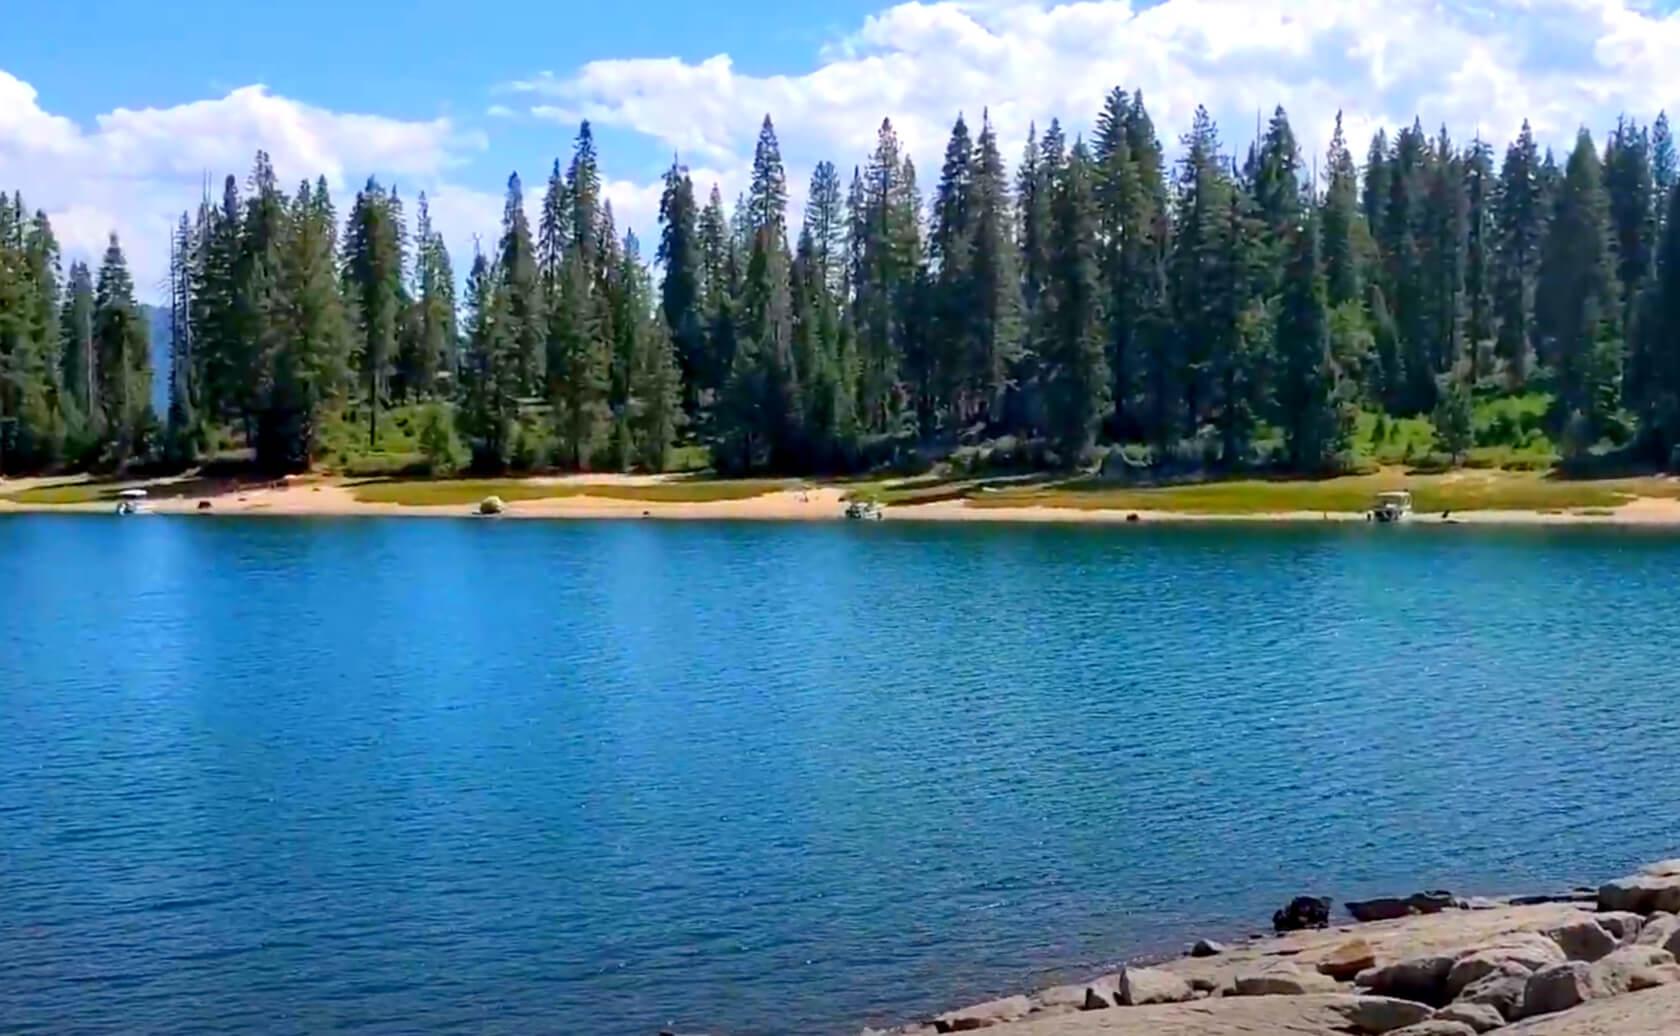 Shaver-Lake-Fishing-Guide-Report-California-03